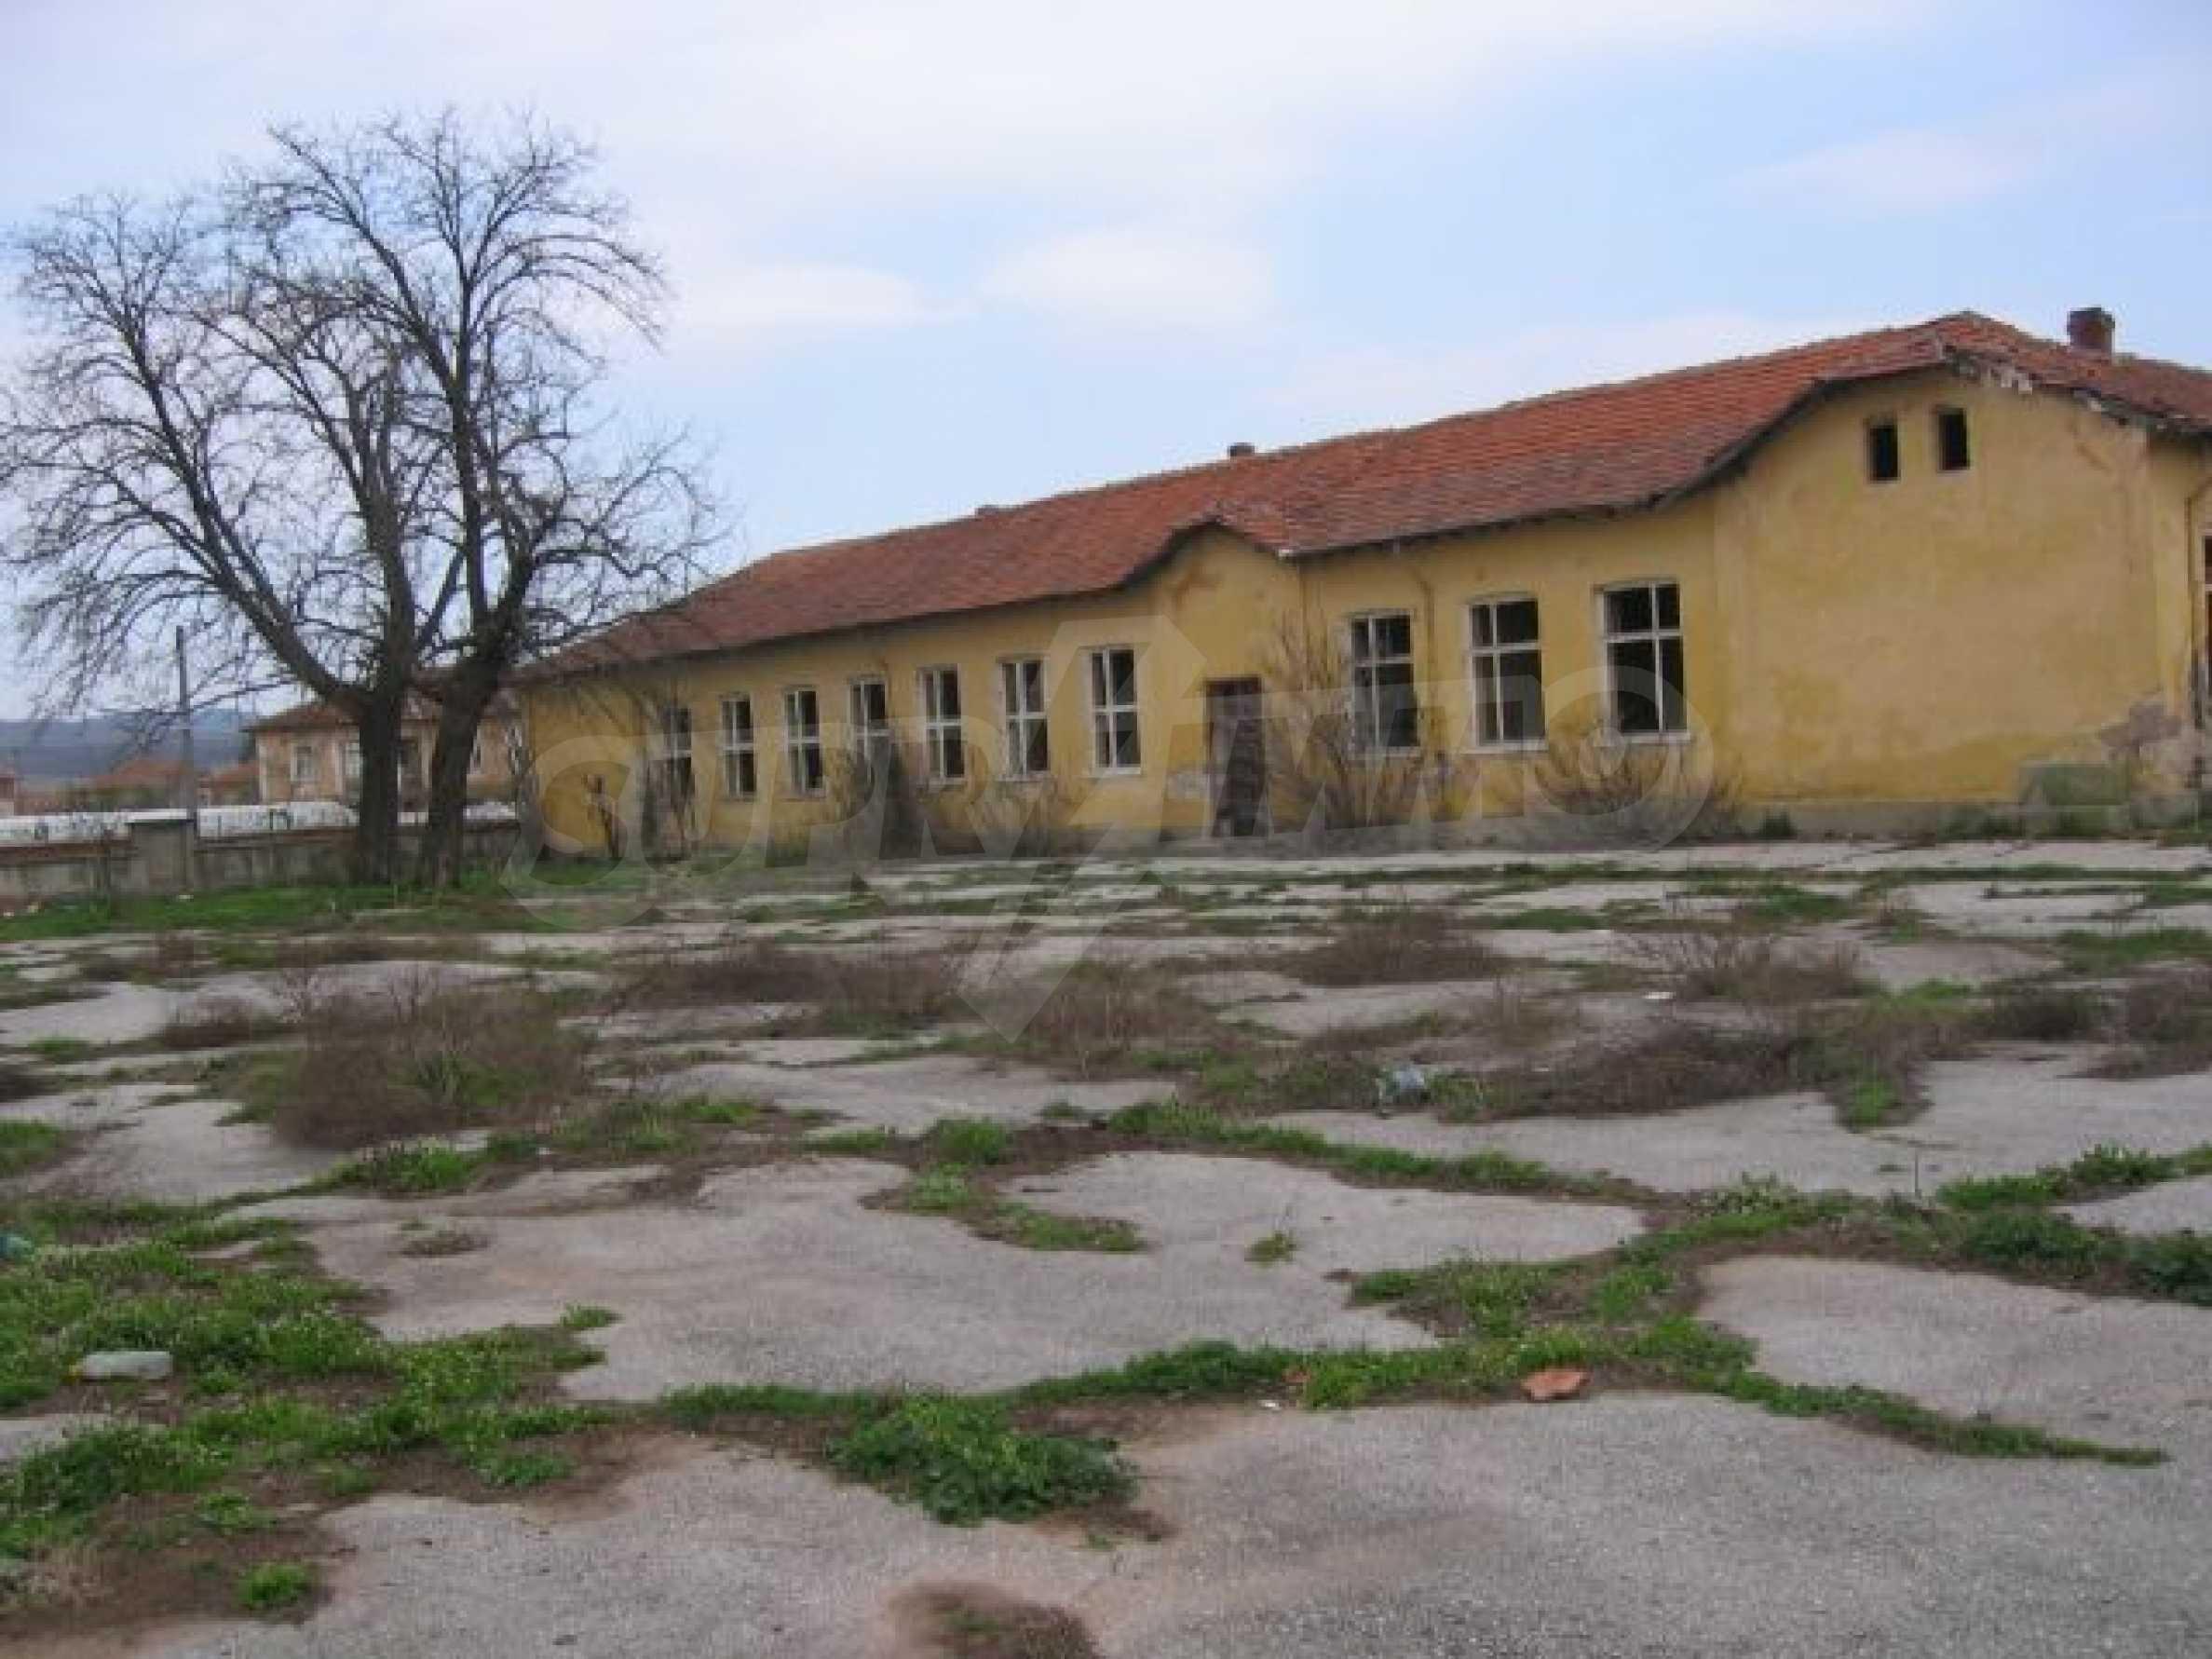 Другой тип недвижимости вблизи г. Хасково 1